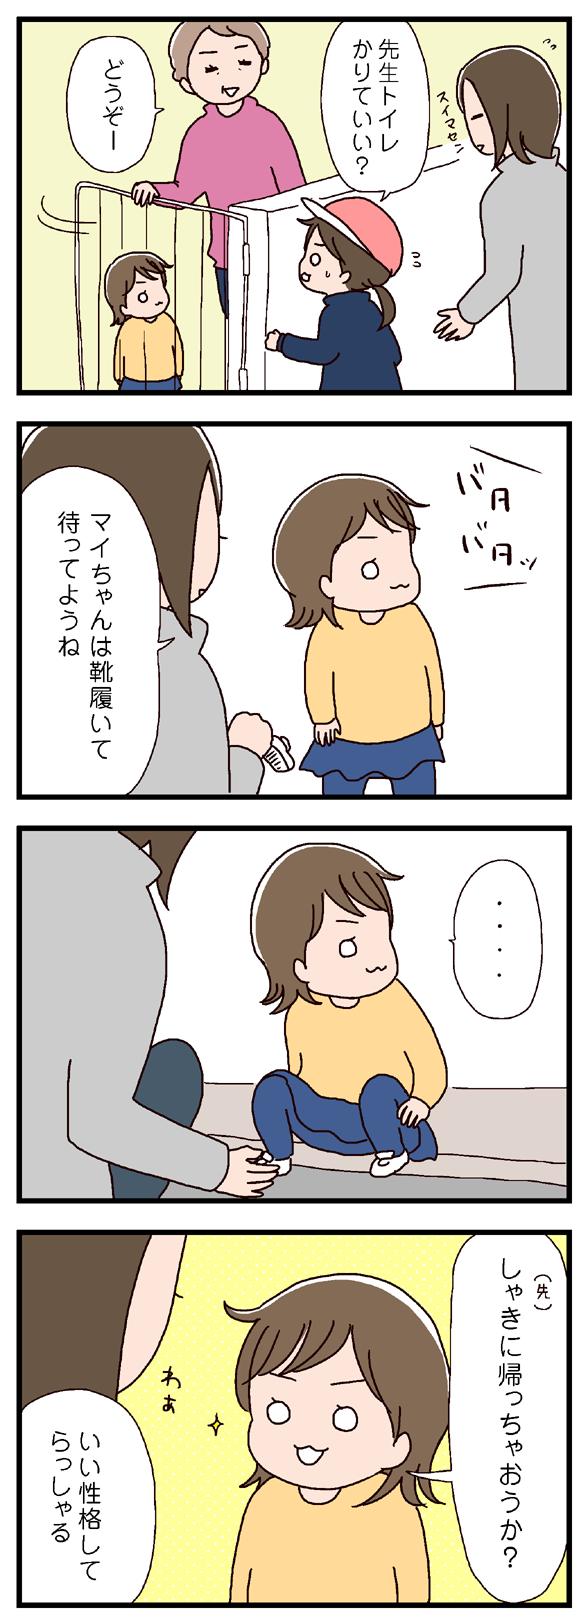 icchomae300_01